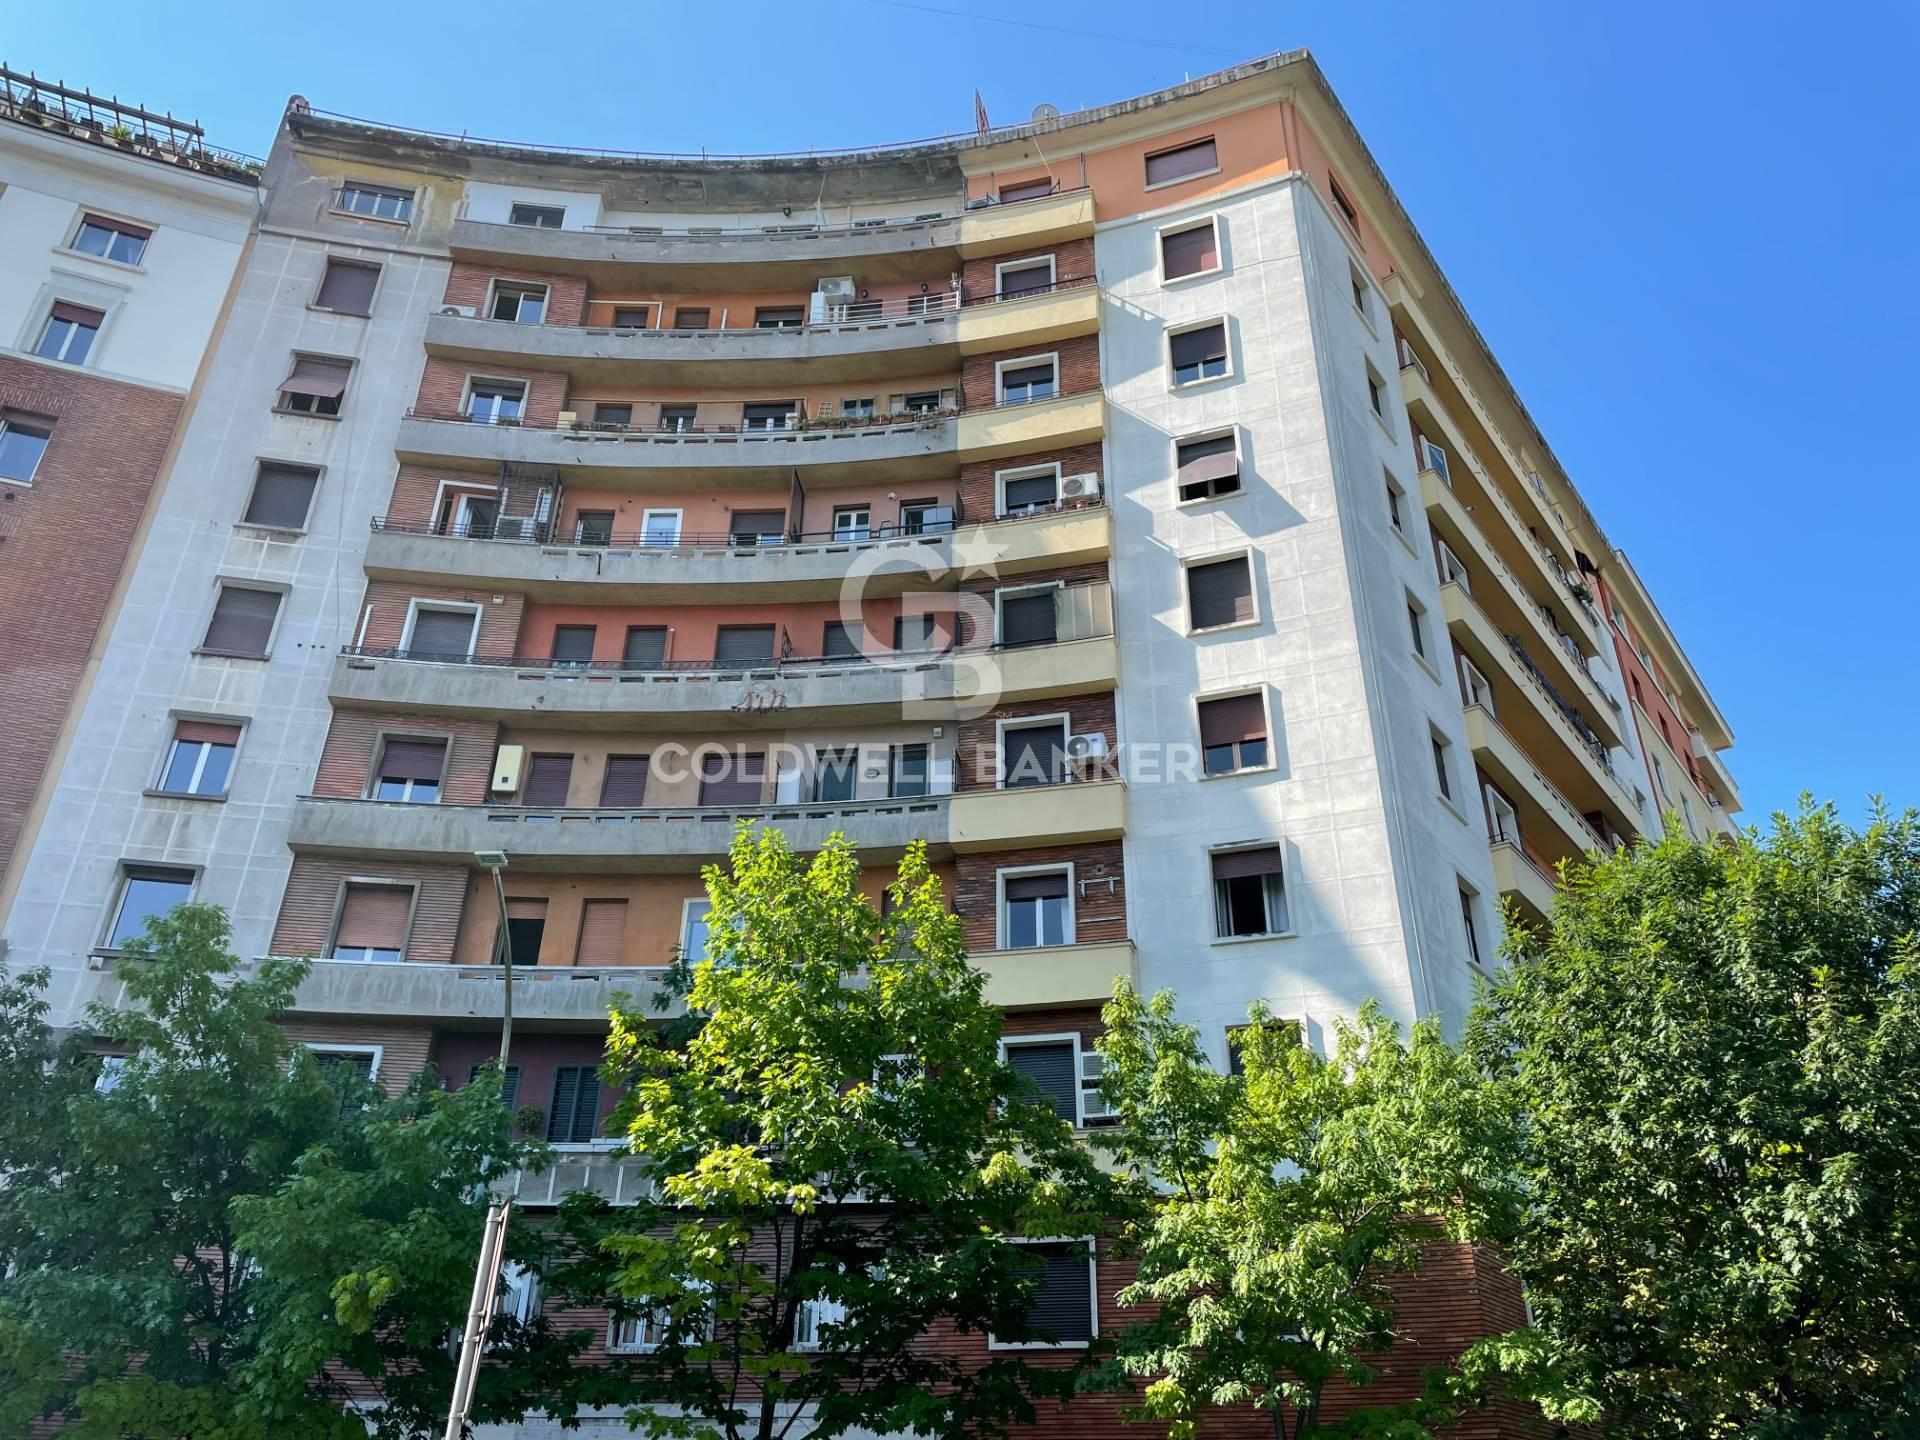 Appartamento in vendita a Roma, 7 locali, zona Zona: 30 . Prati, Borgo, San Pietro, prezzo € 680.000 | CambioCasa.it